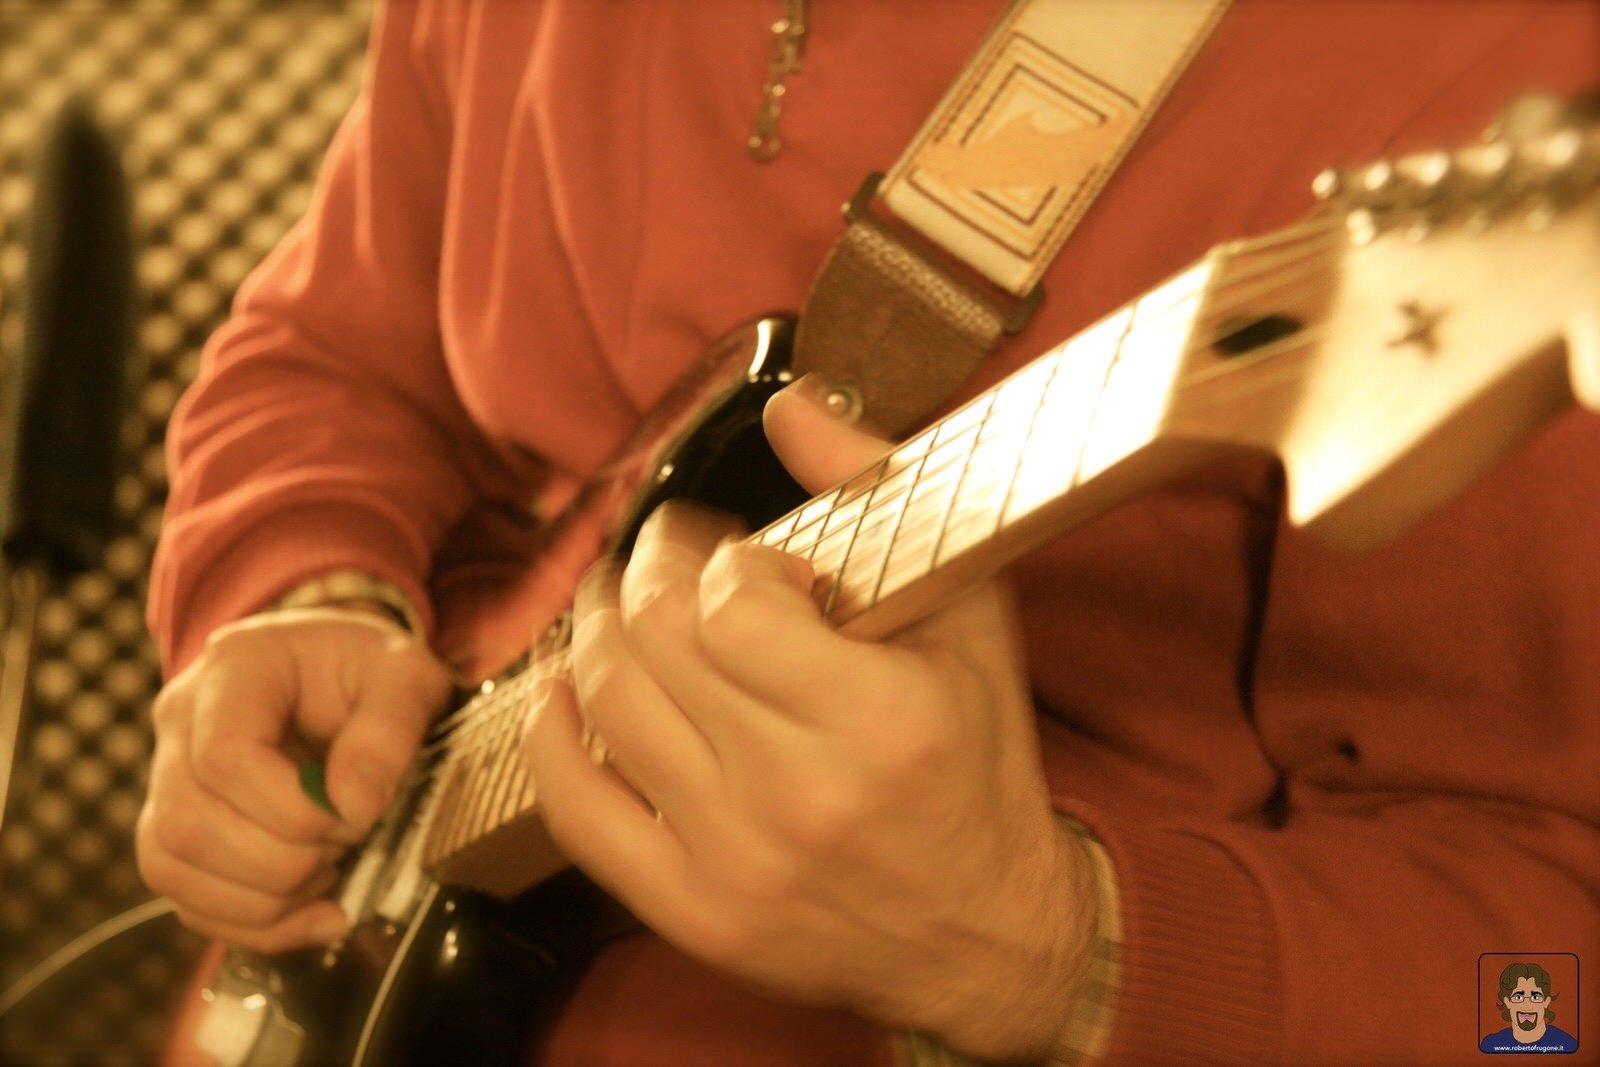 Totem Studio Sala Prove Musicali Casarza Ligure Daniele Lagomarsino